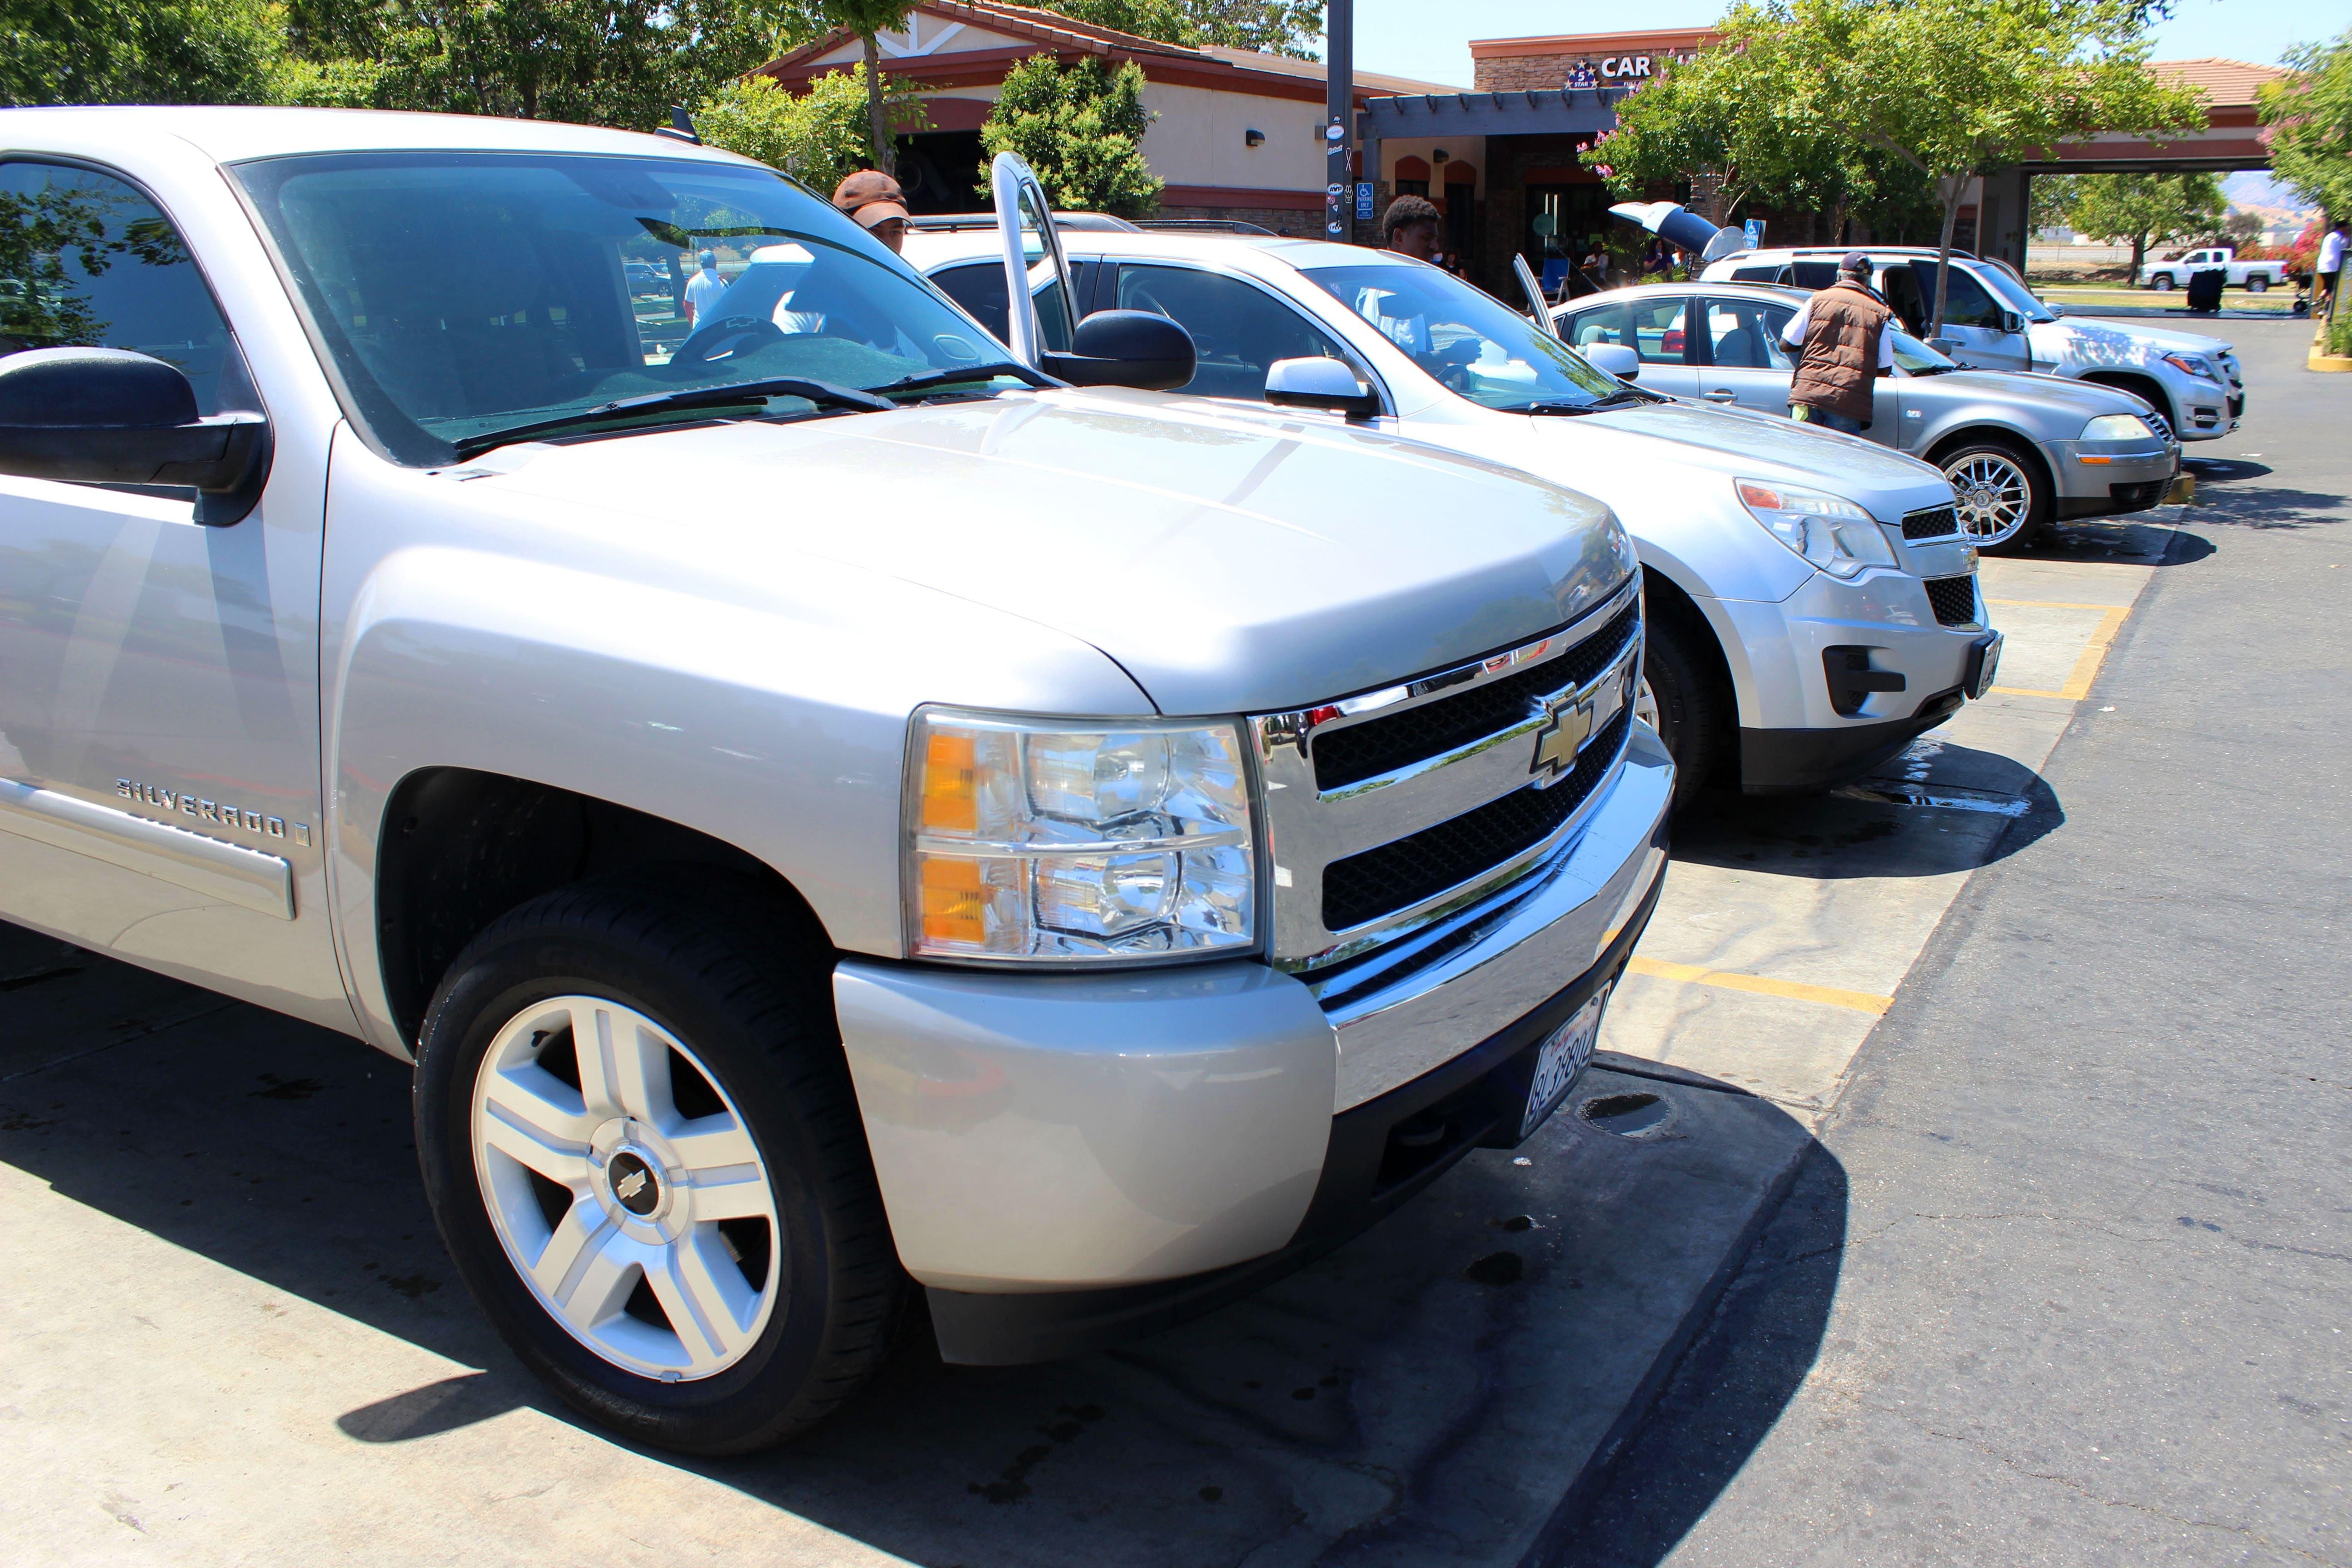 5 Star Car Wash Vacaville, california